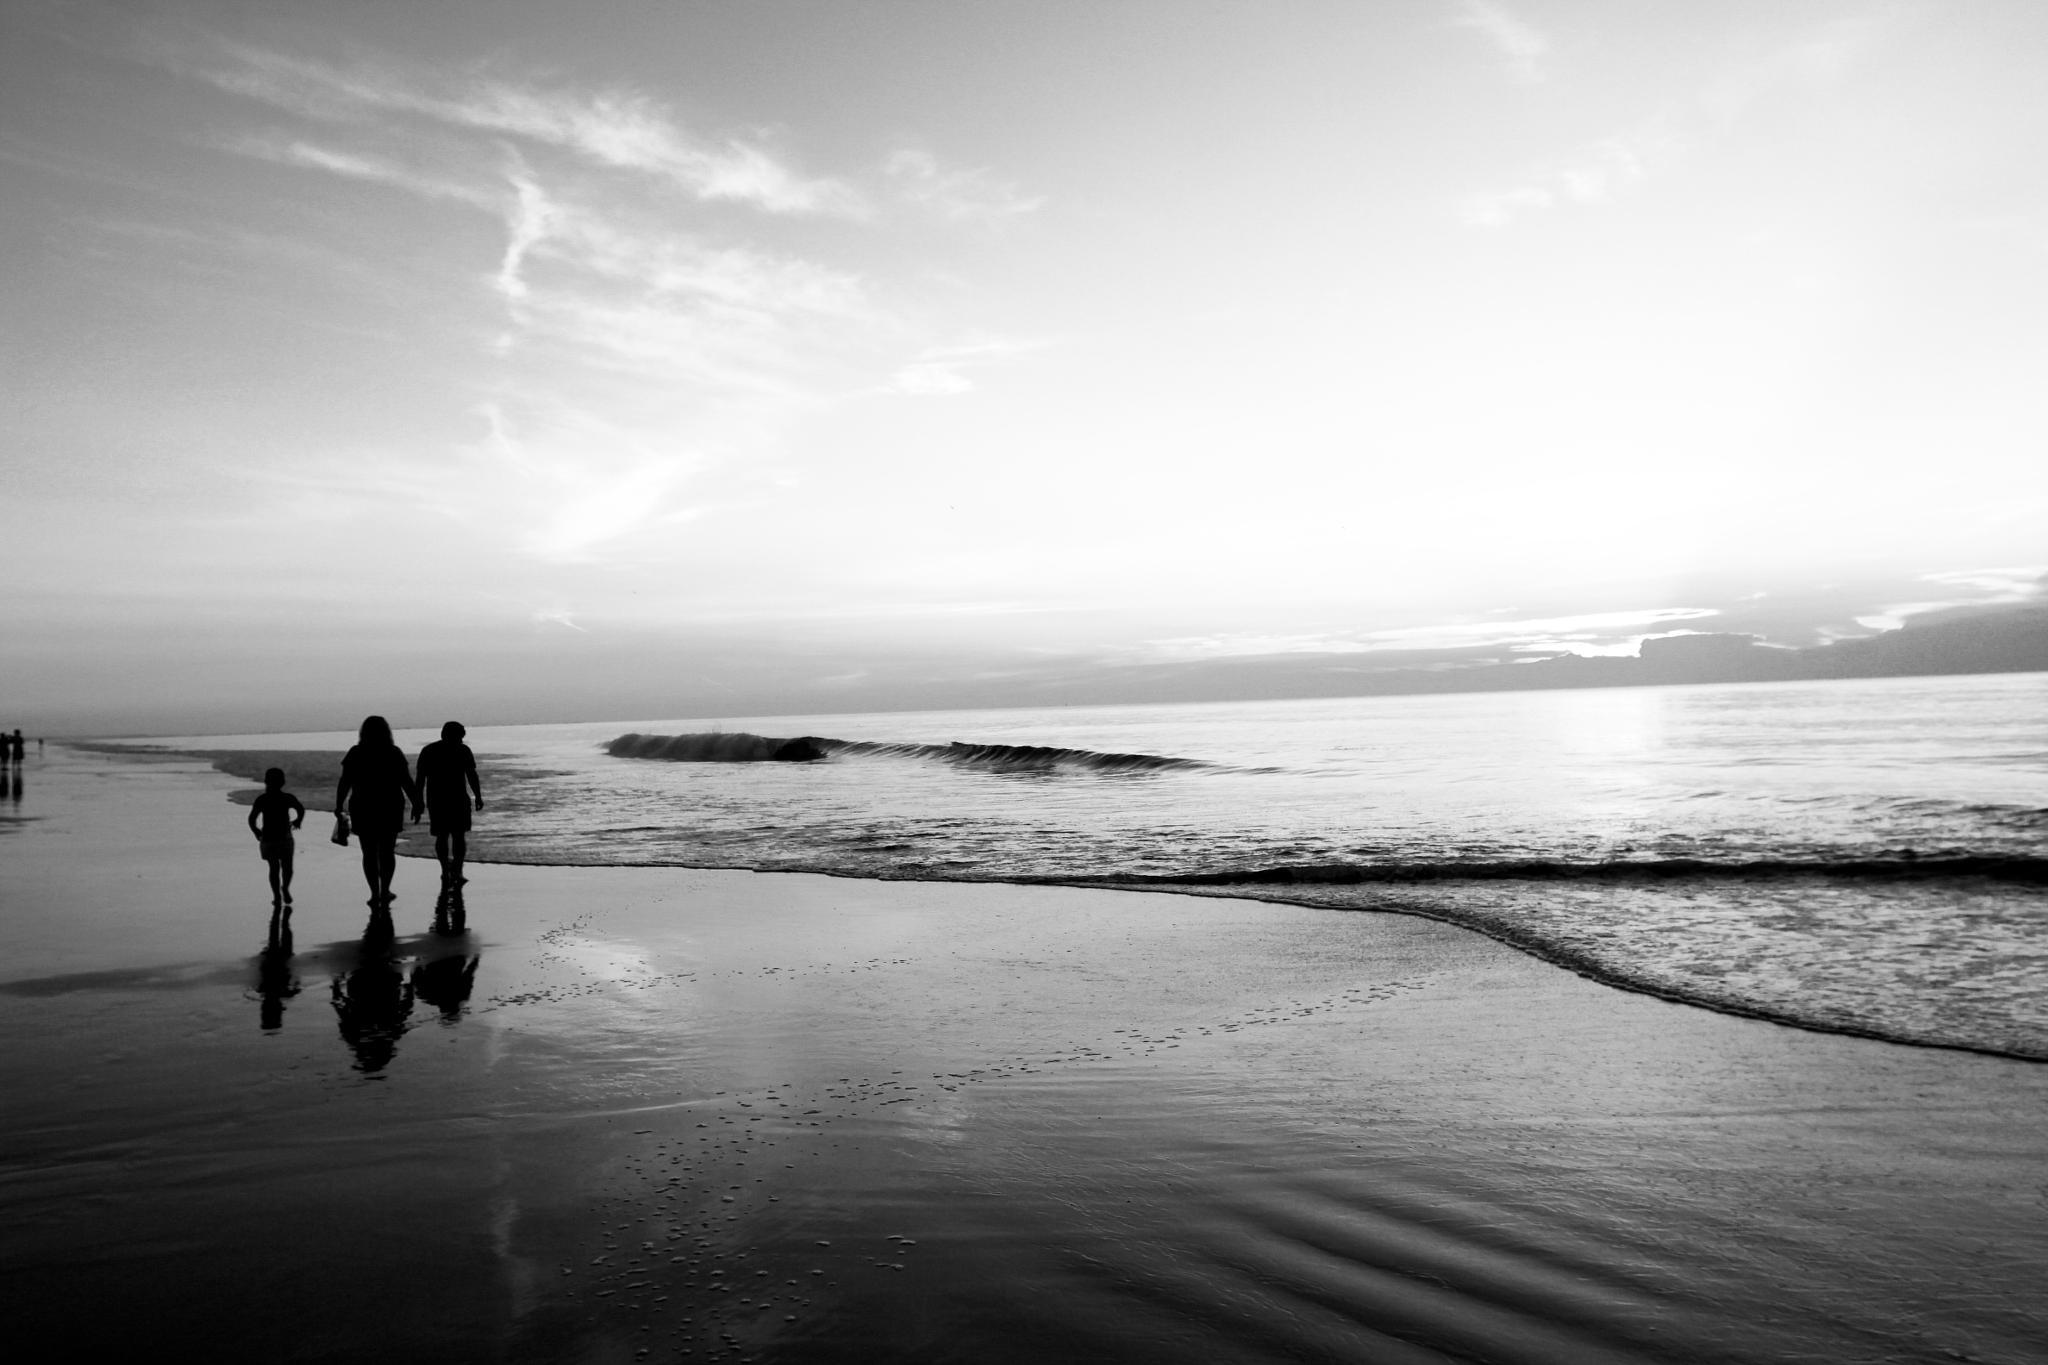 b/w beach by Melanie Smith